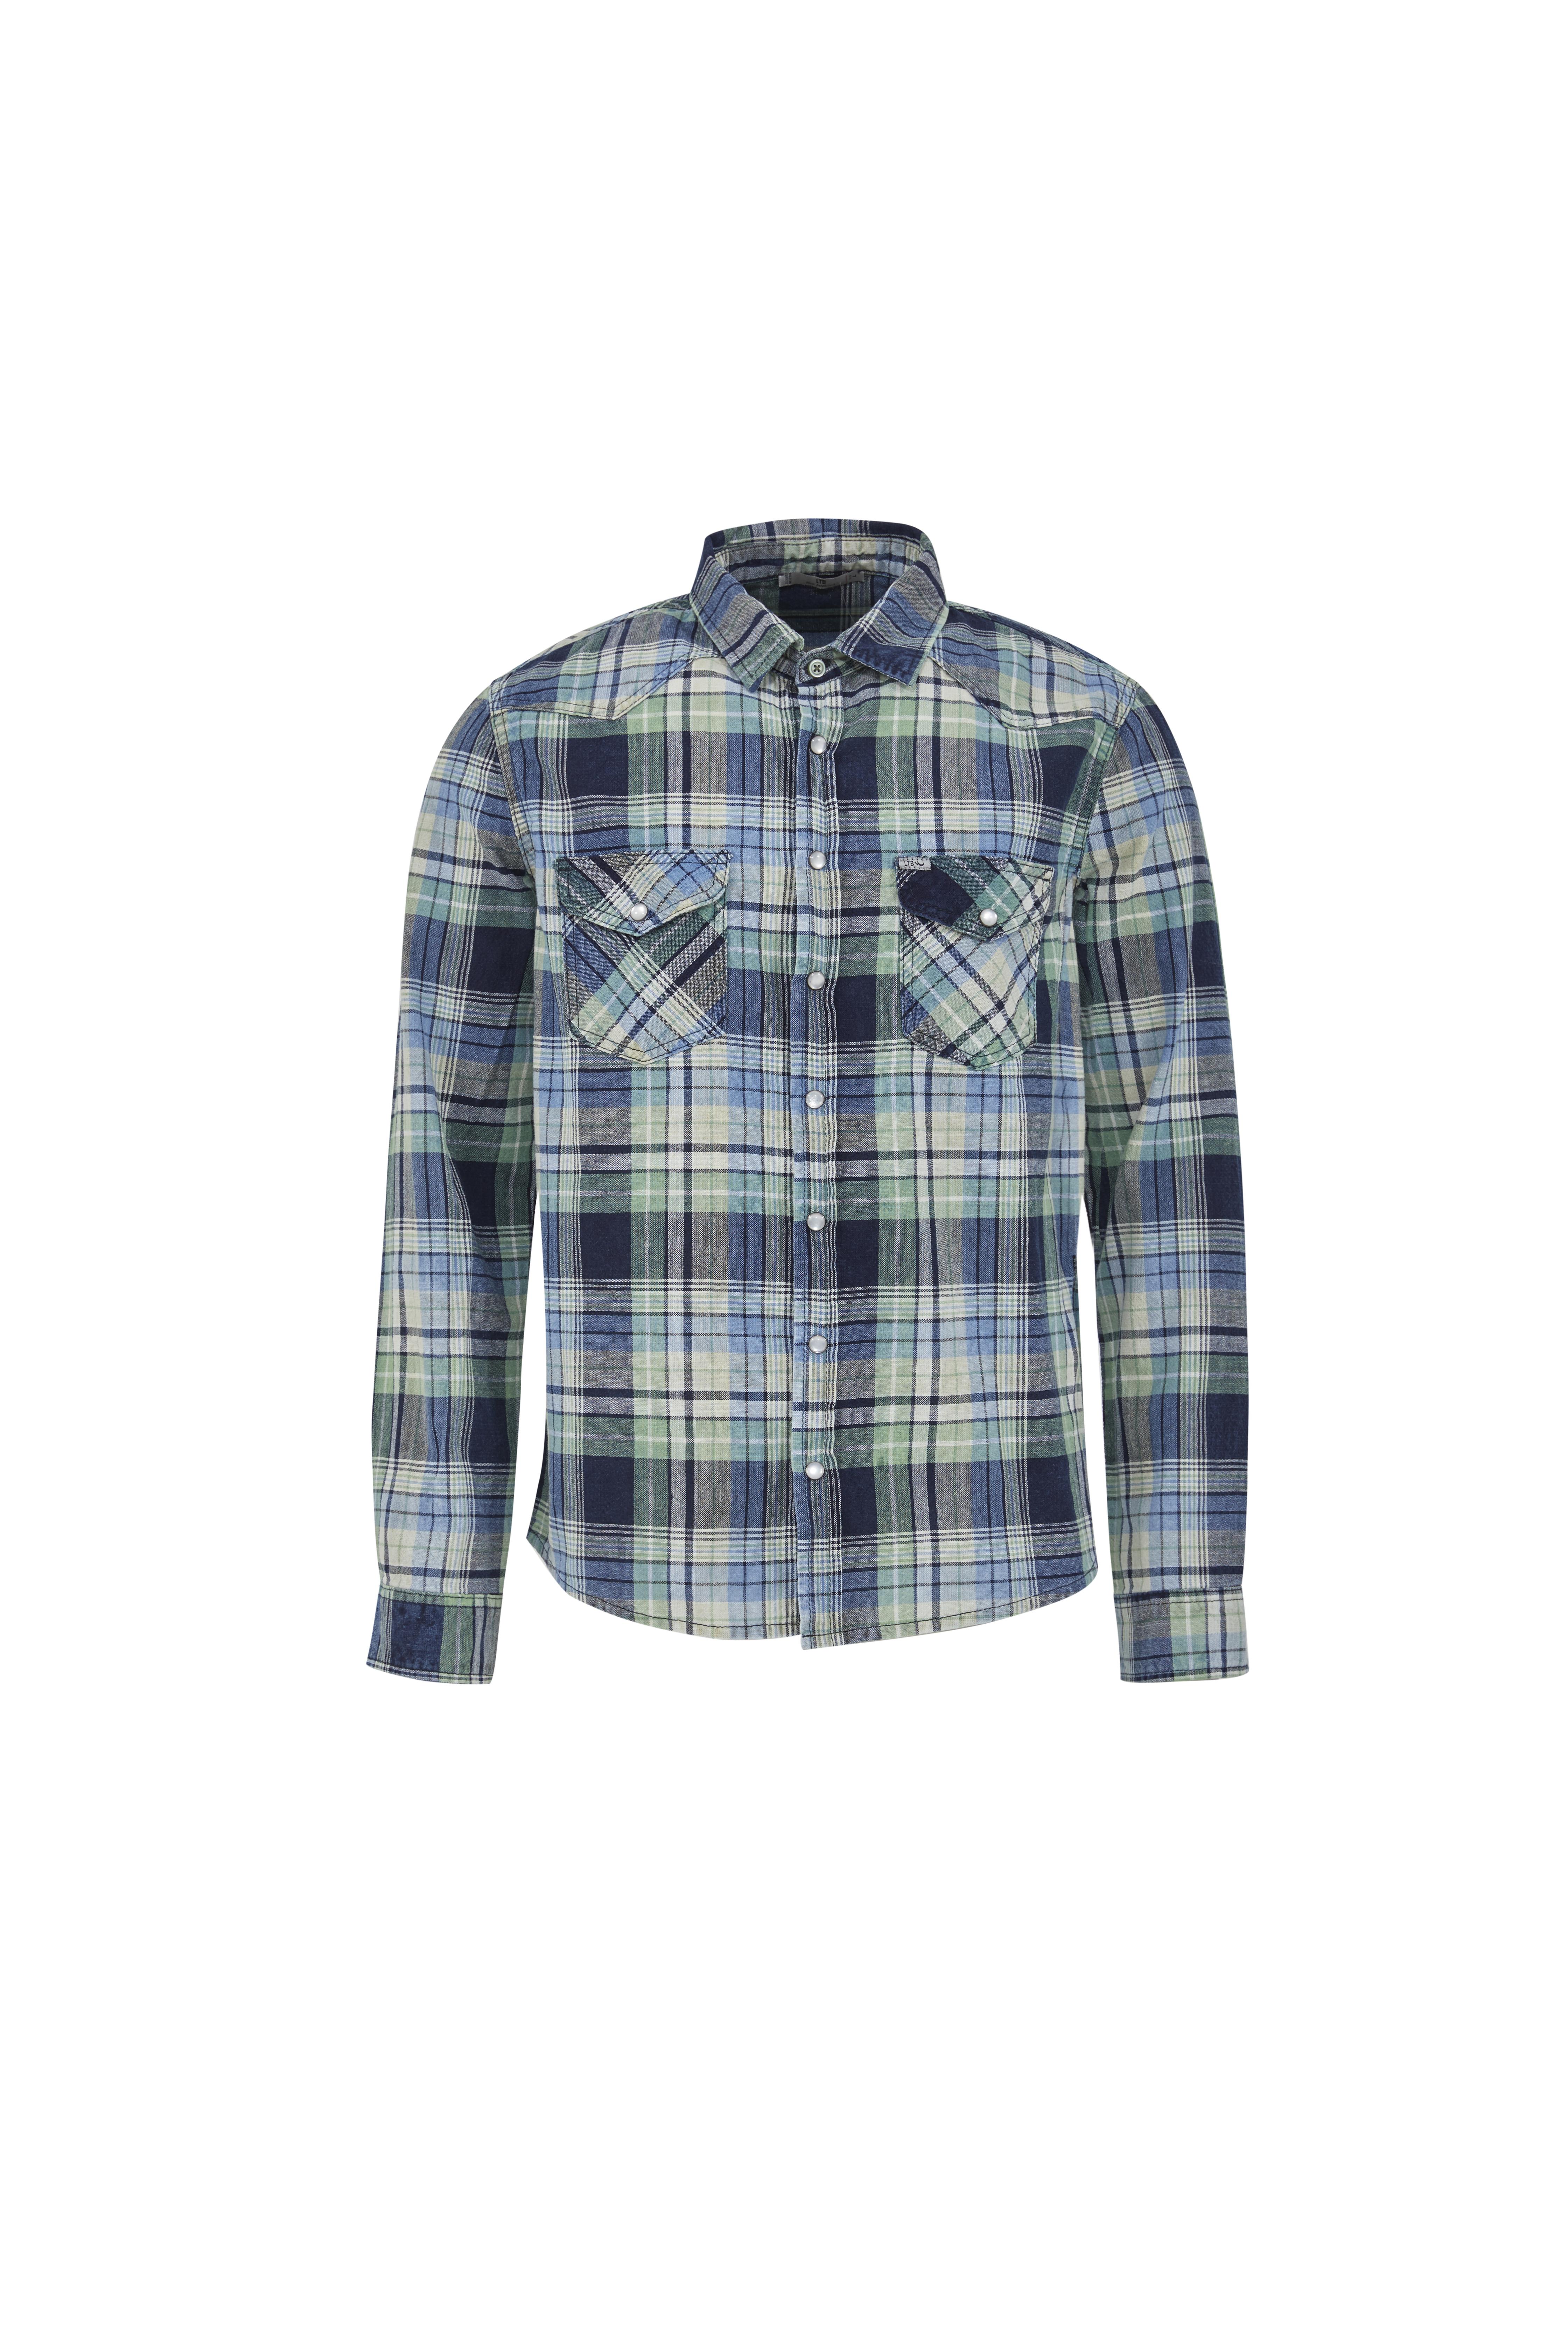 Hemd mit Check Muster